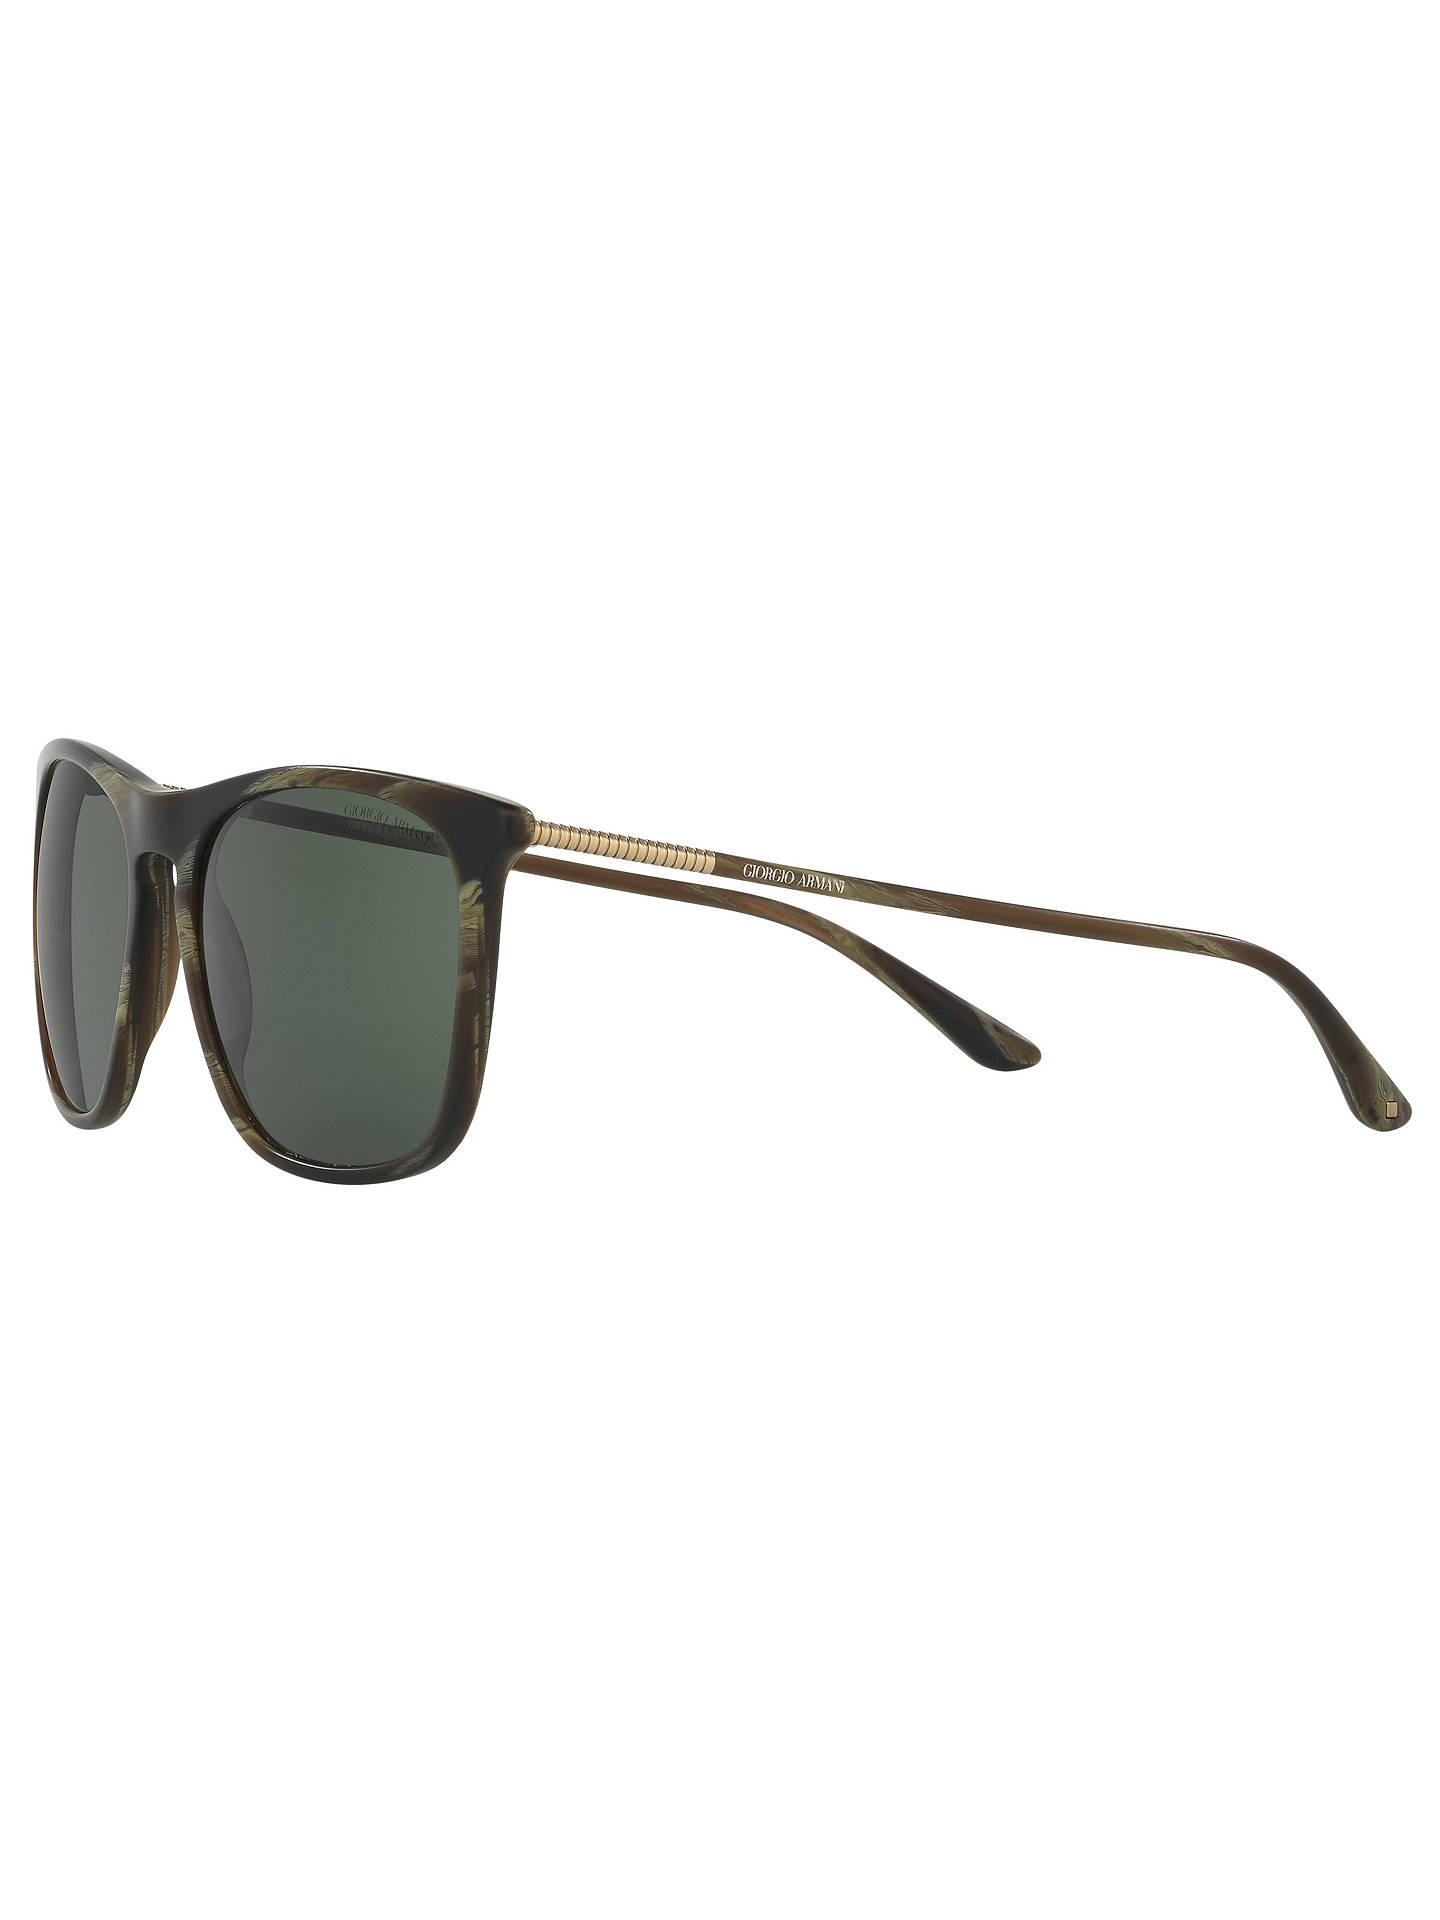 64a4856b5c8 ... Buy Giorgio Armani AR8076 Frames of Life Square Sunglasses